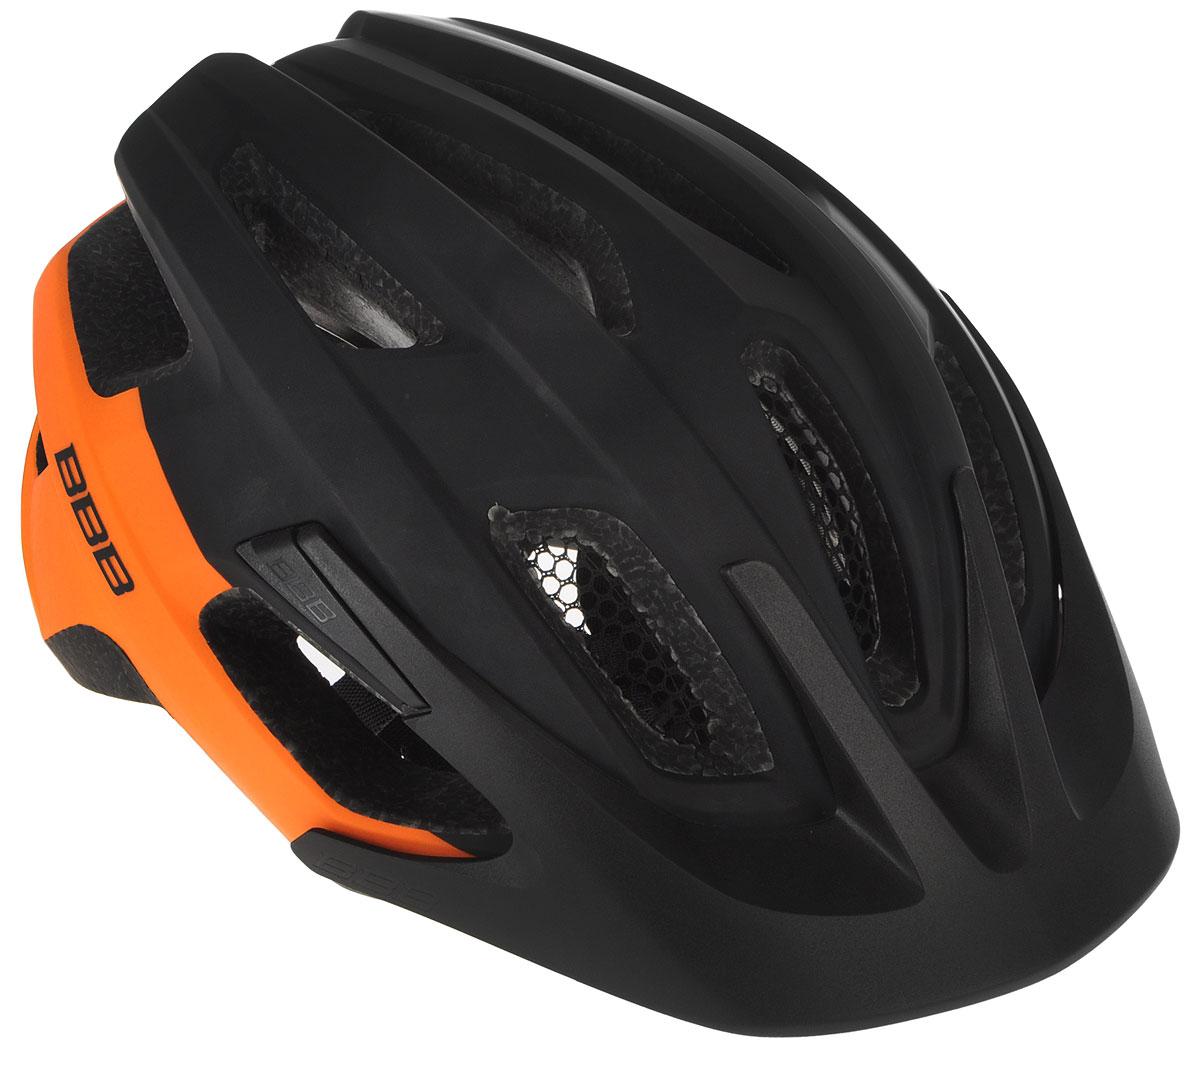 Шлем летний BBB Kite, со съмным козырьком, цвет: черный, оранжевый. Размер MBHE-29Шлем BBB Kite, предназначенный для велосипедистов, скейтбордистов и роллеров, снабжен настраиваемыми ремешками для максимально комфортной посадки. Система TwistClose - позволяет настроить шлем одной рукой. Увеличенное количество вентиляционных отверстий гарантирует отличную циркуляцию воздуха на разных скоростях движения при сохранении жесткости, а отверстия для вентиляции в задней части шлема предназначены для оптимального распределения потока воздуха. Шлем оснащен съемными мягкими накладками с антибактериальными свойствами и съемным козырьком. Внутренняя часть изделия изготовлена из пенополистирола. Ее роль заключается в рассеивании энергии при ударе, а низкопрофильная конструкция обеспечивает дополнительную защиту наиболее уязвимых участков головы. Фронтальные отверстия изделия прикрыты мелкой сеткой для защиты от насекомых. Верхняя часть шлема, выполненная из прочного пластика, препятствует разрушению изделия, защищает его от прокола и ...